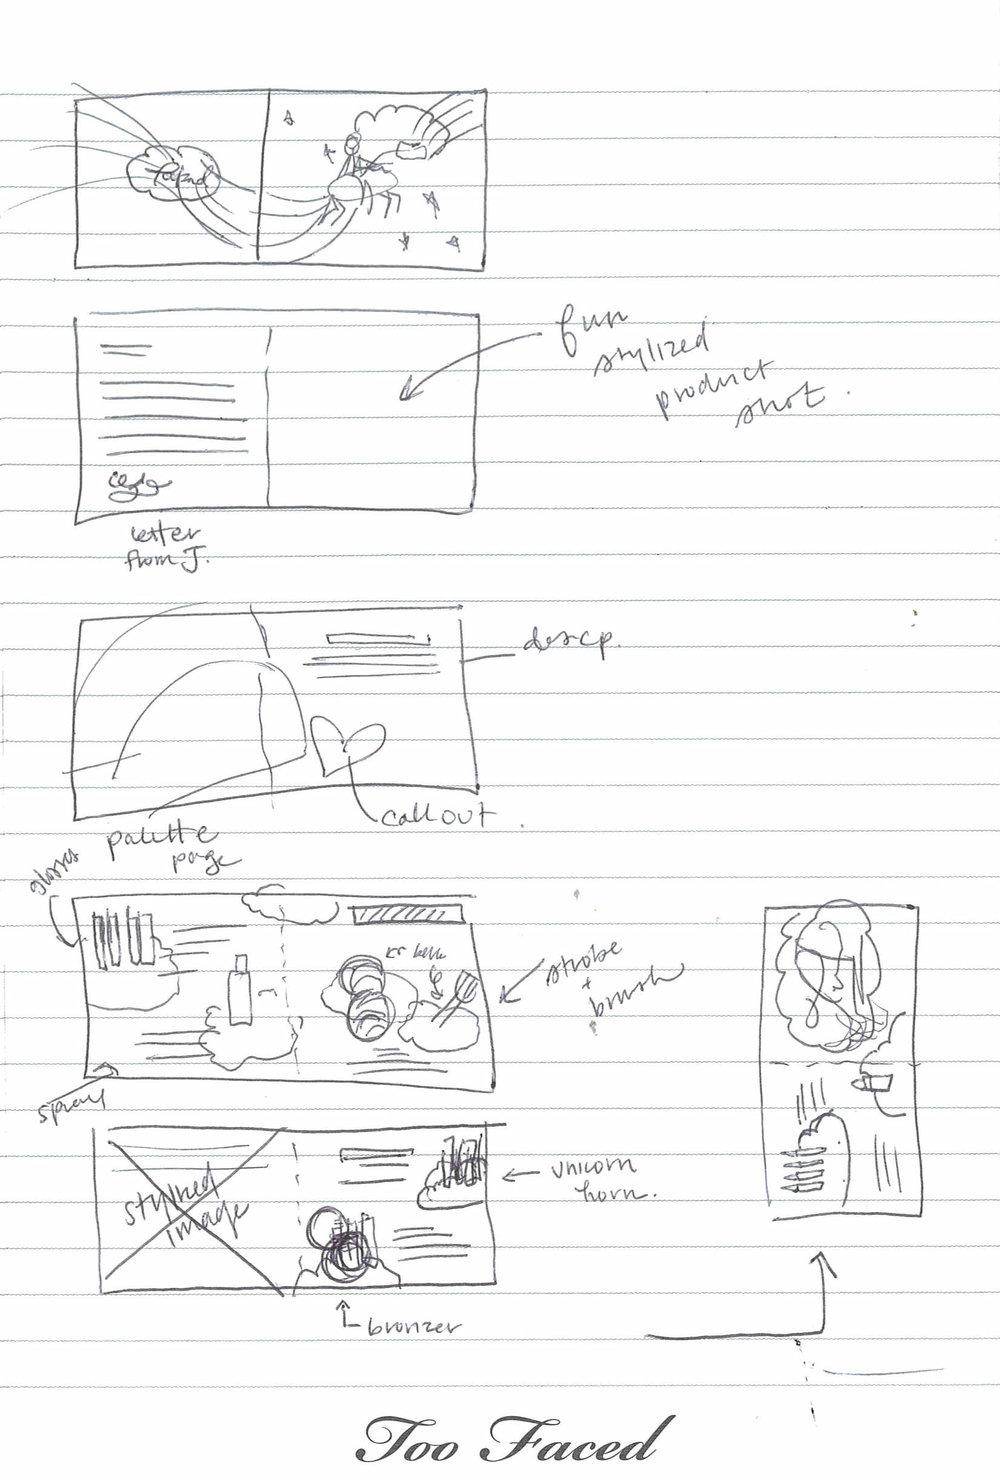 Mailer_process1